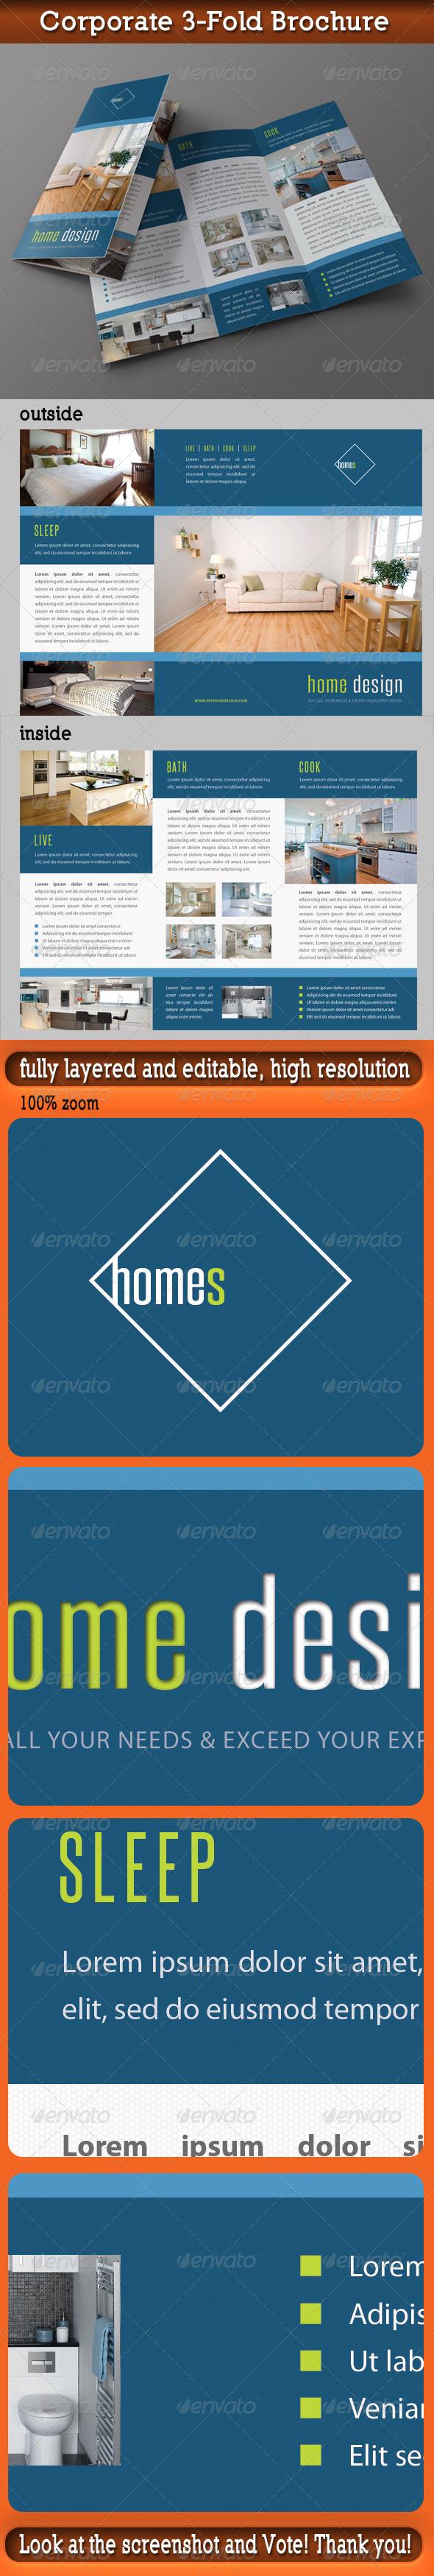 GraphicRiver Corporate 3-Fold Brochure 26 7037458